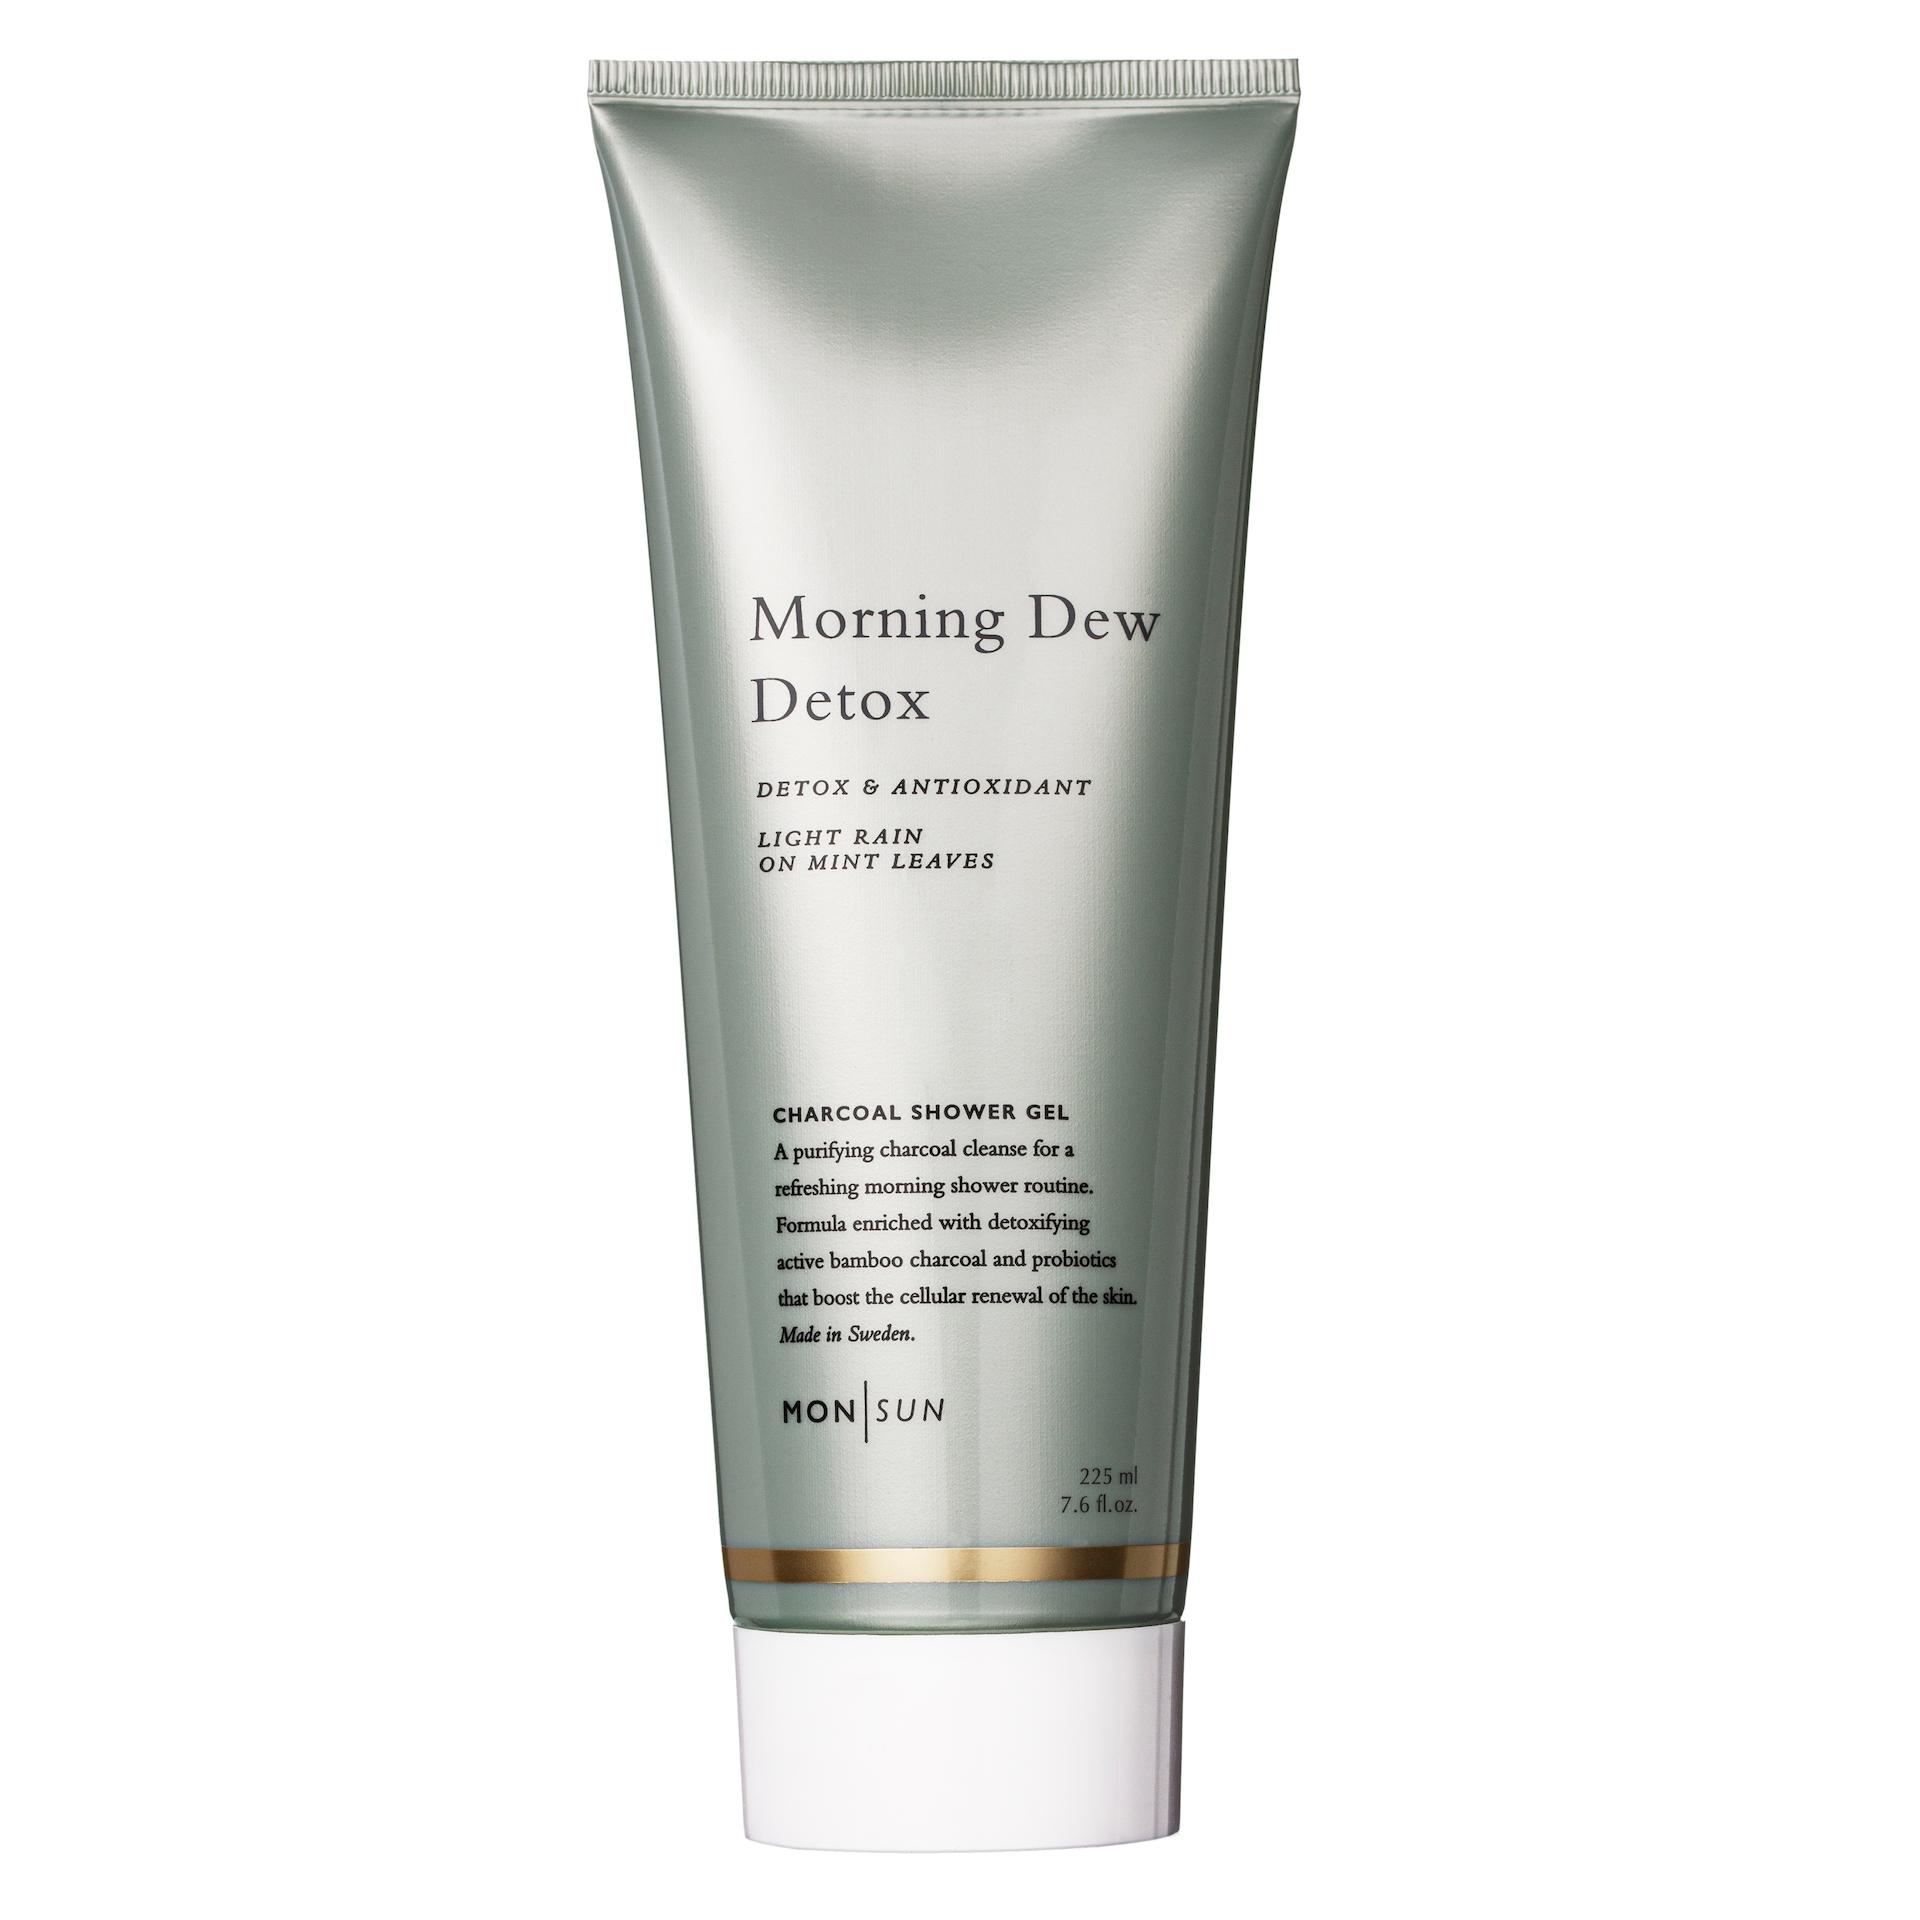 MON SUN Morning Dew Detox Detox & Antioxidant Shower gel